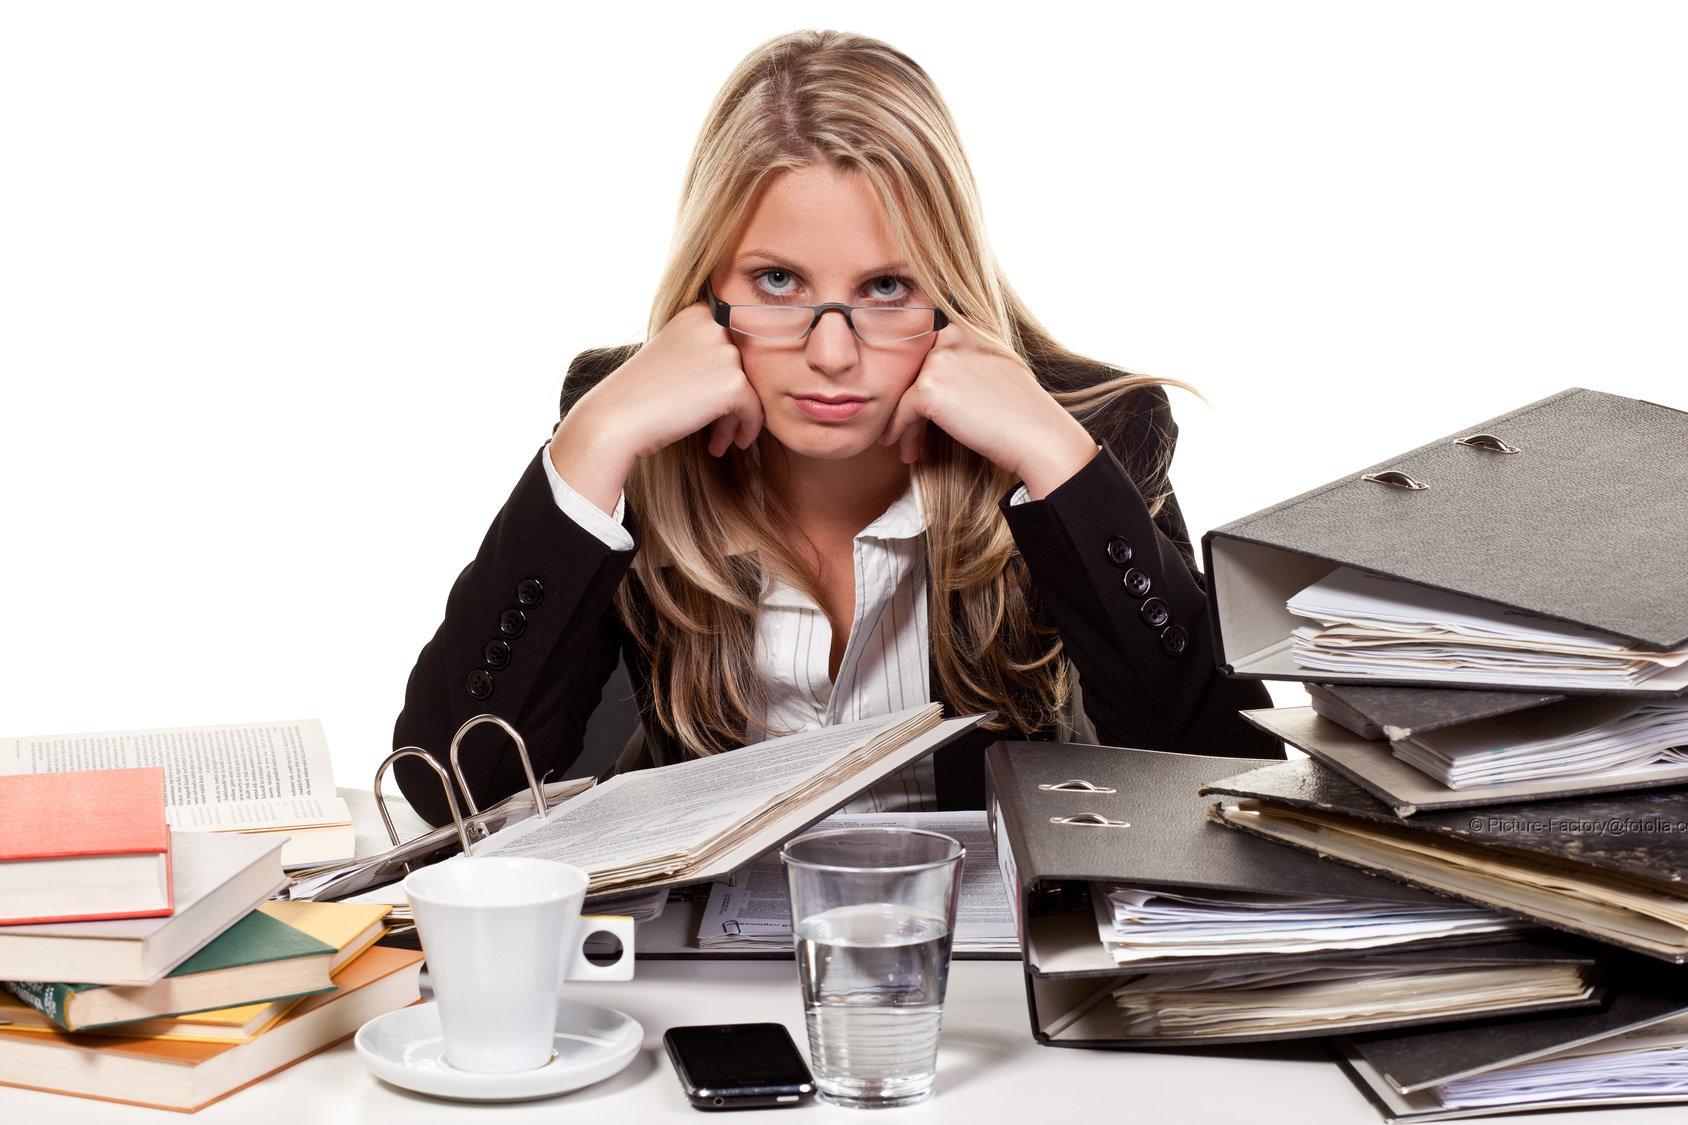 Zur Arbeitsplatzgestaltung gehoert auch die Einhaltung der Richtlinien der Arbeitssicherheit. Hier sind u.a. auch psychische Belastungen zu beruecksichtigen.